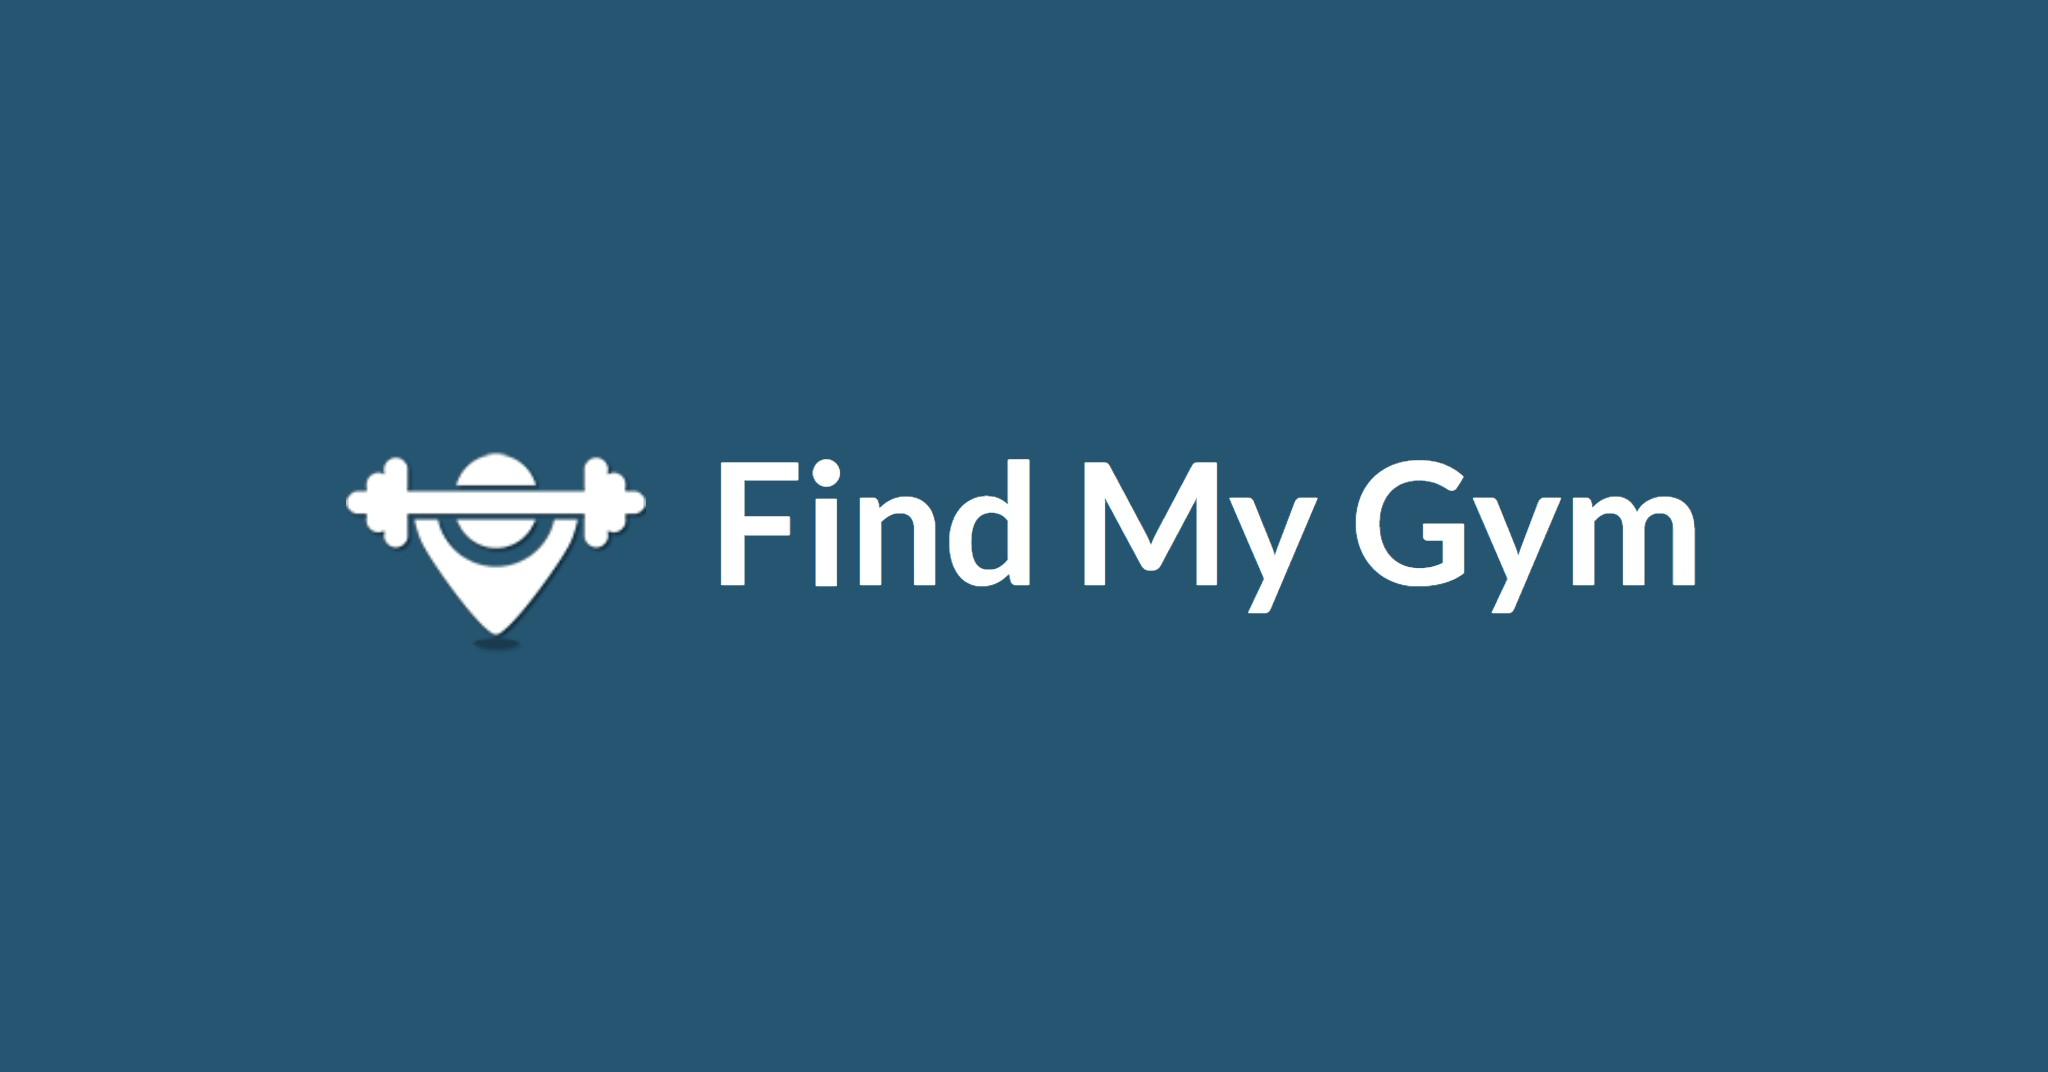 Find My gym